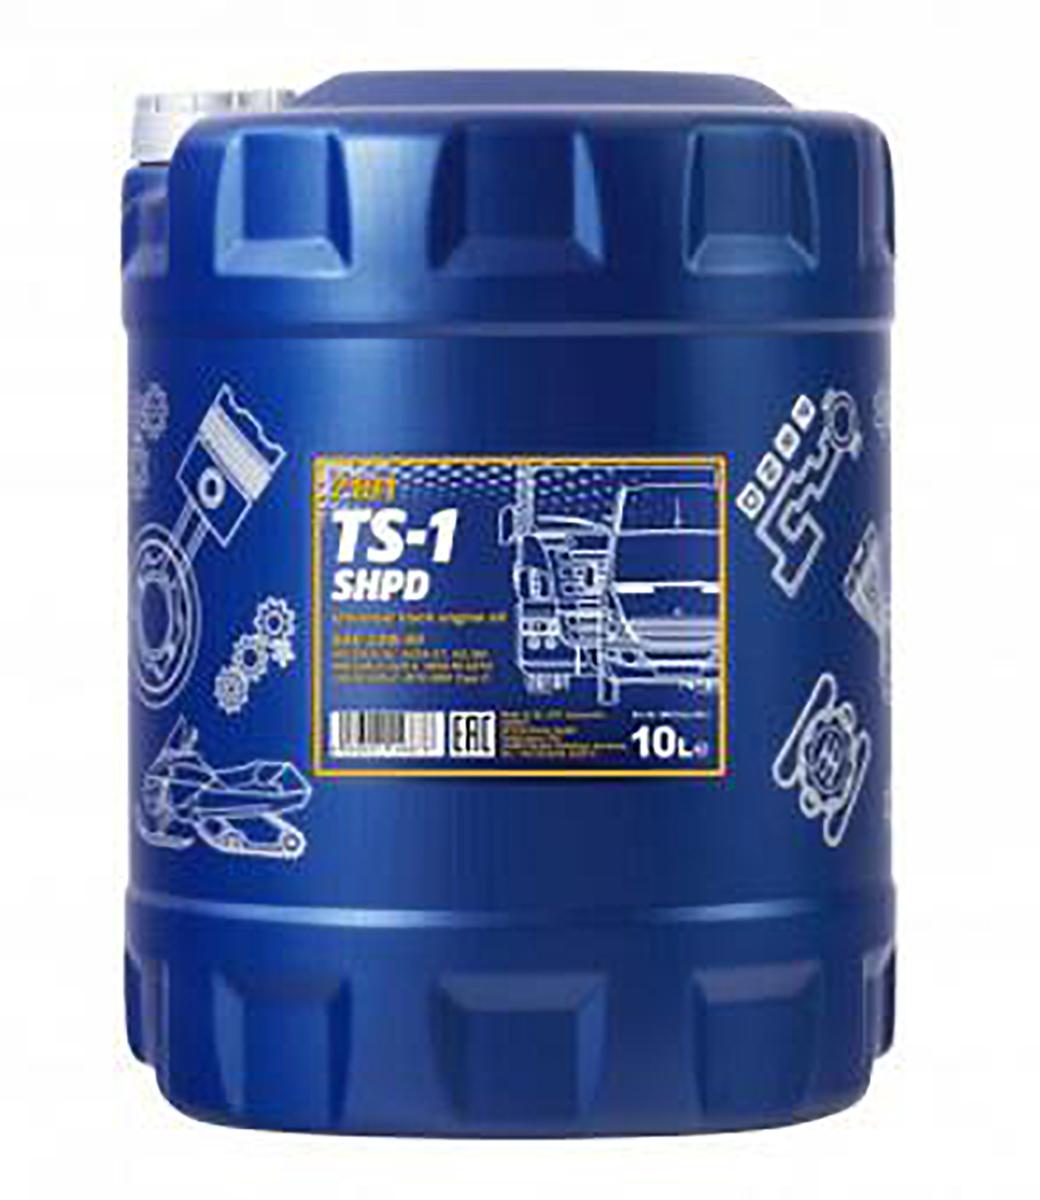 TS-1 SHPD 15W-40